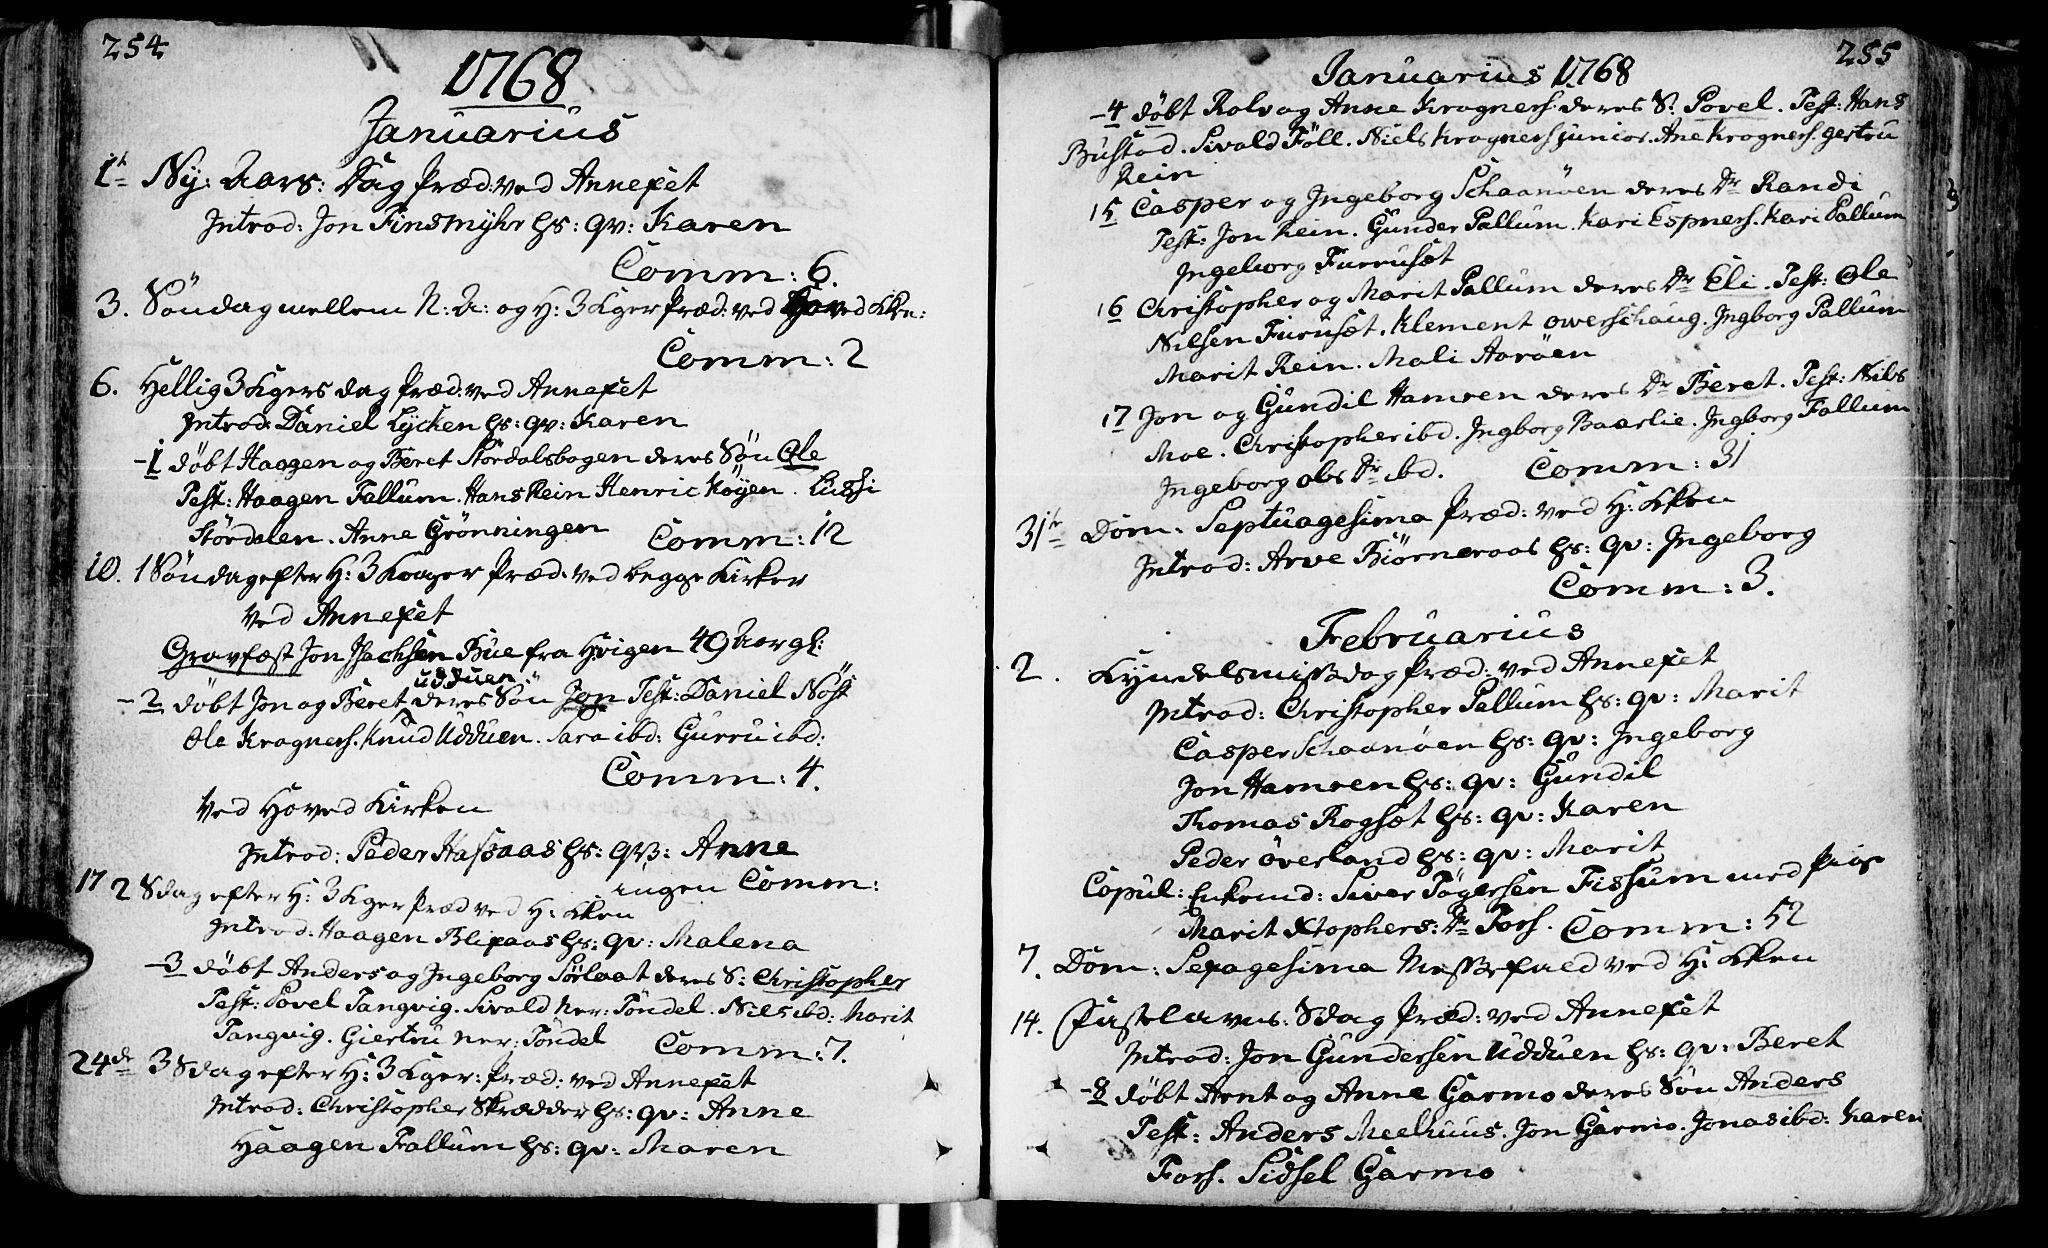 SAT, Ministerialprotokoller, klokkerbøker og fødselsregistre - Sør-Trøndelag, 646/L0605: Ministerialbok nr. 646A03, 1751-1790, s. 254-255